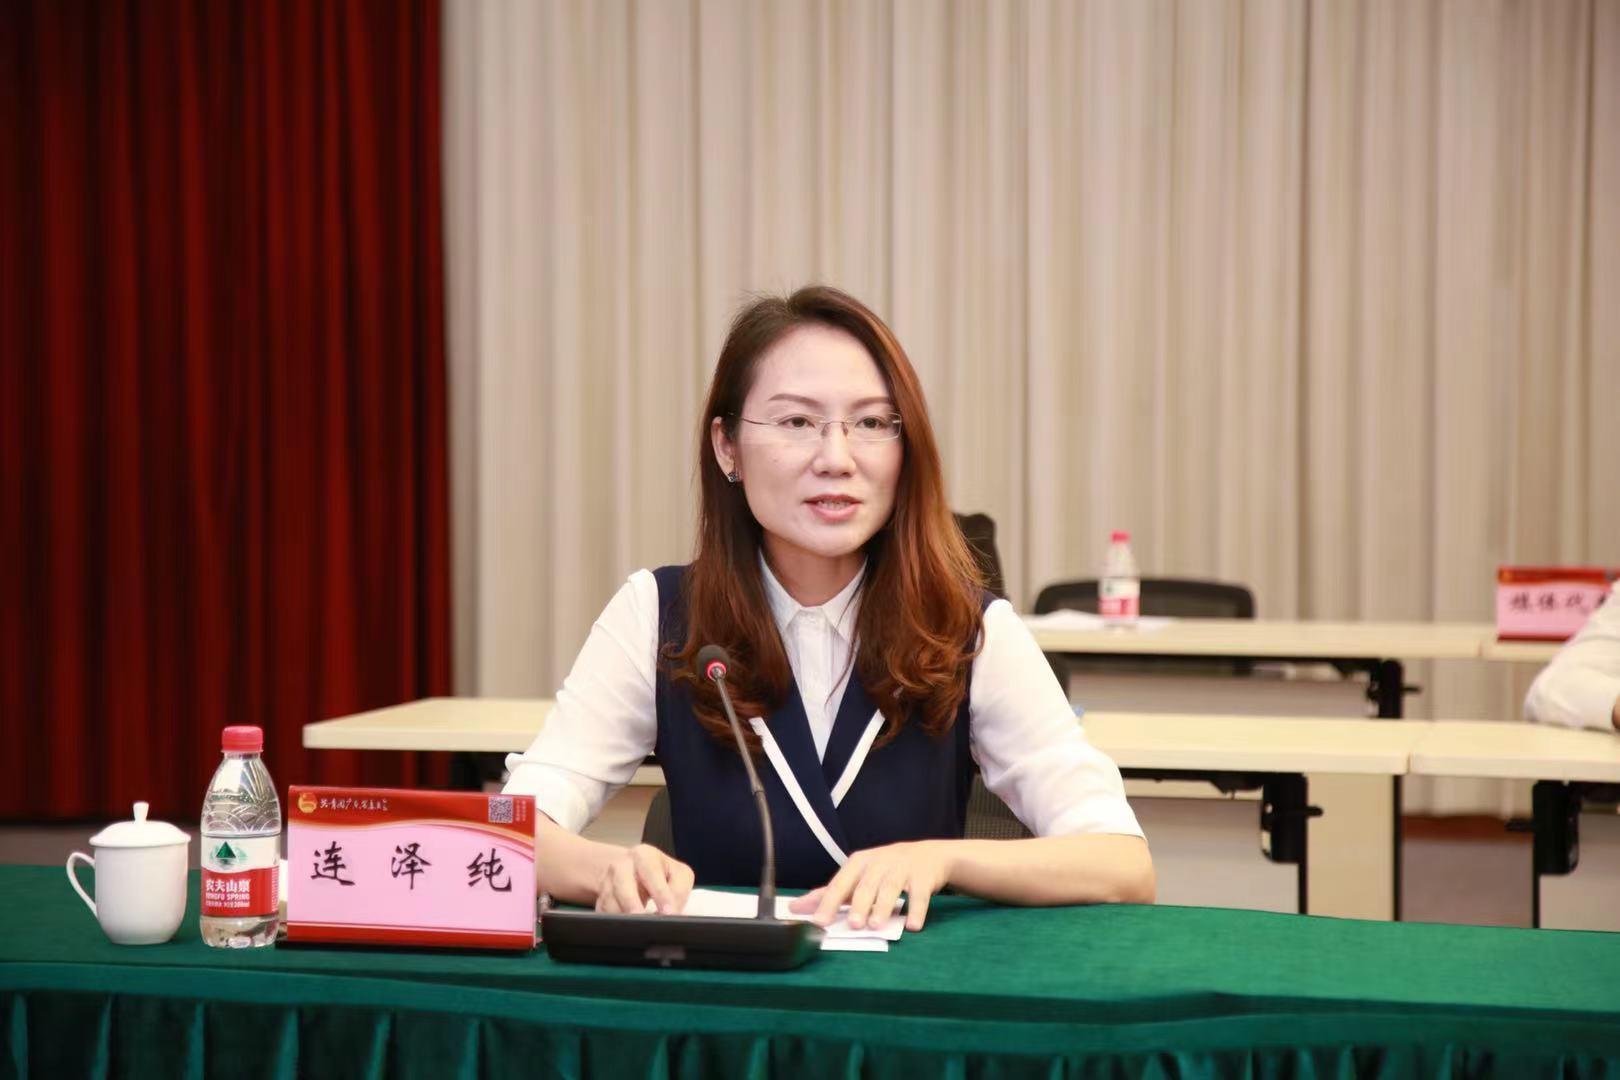 华南师范大学团委书记连泽纯会上发言。